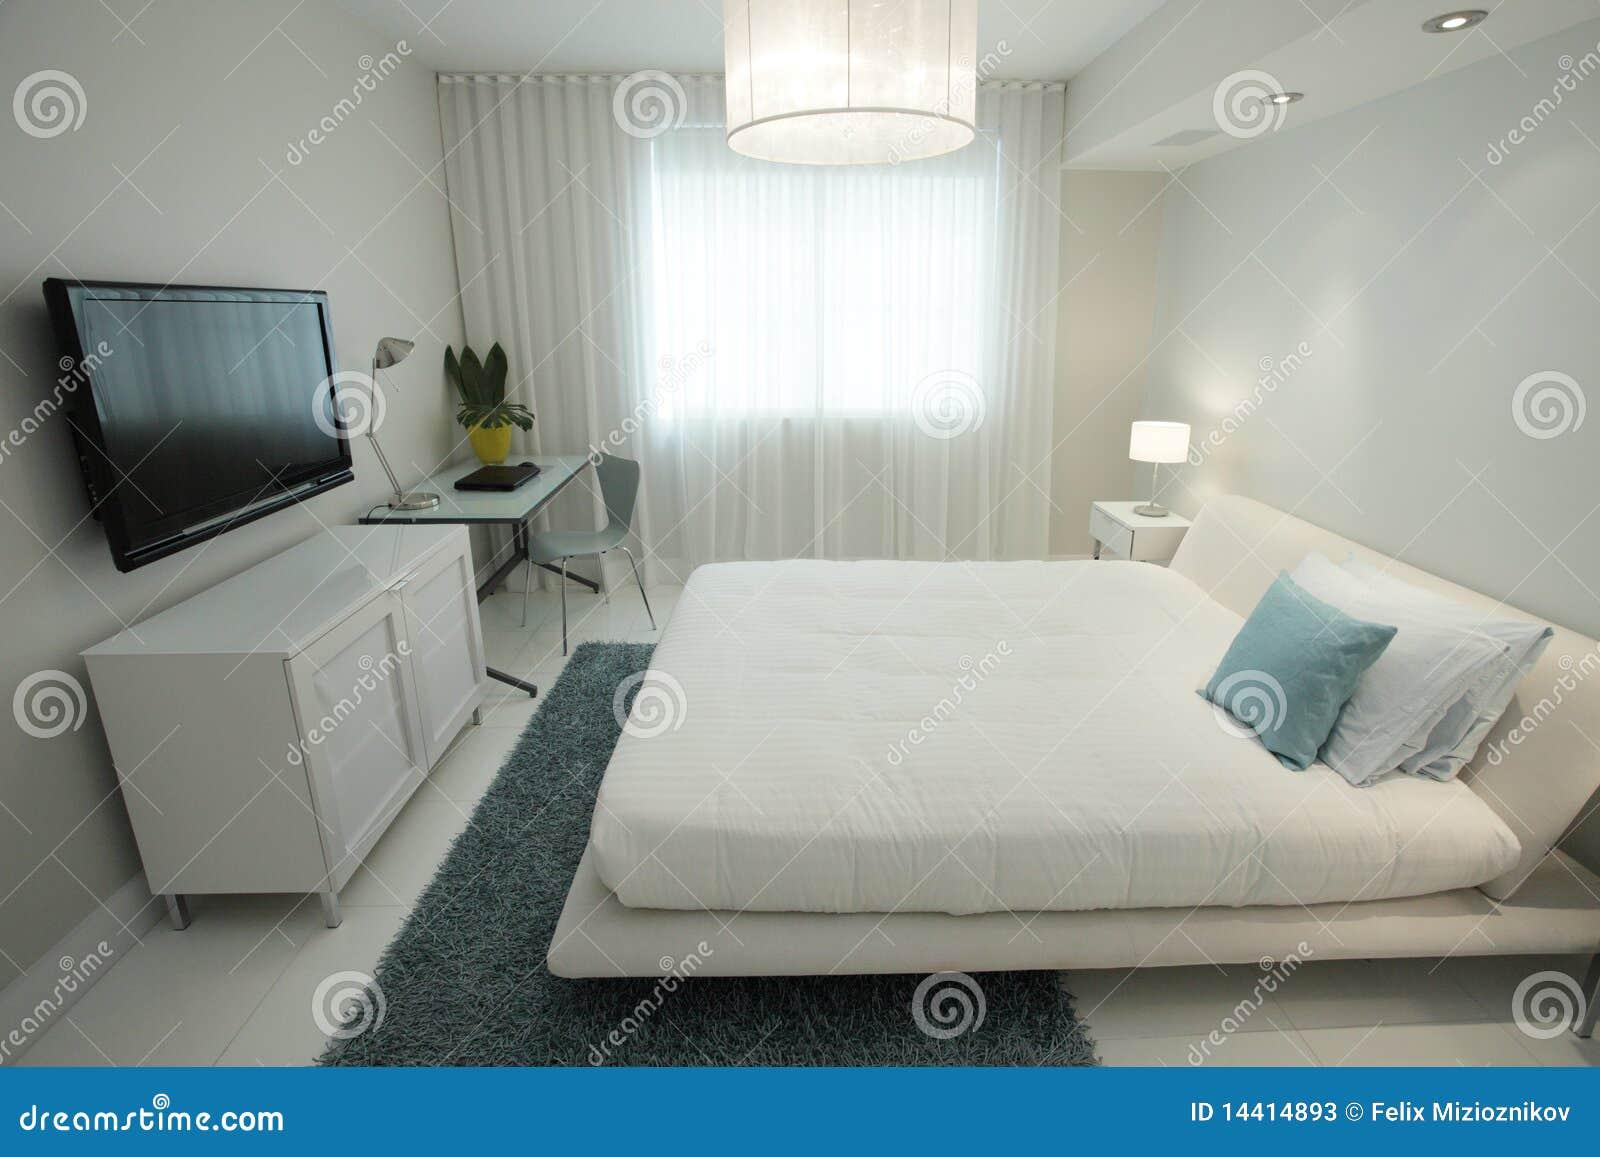 Slaapkamer Met Een Televisie HD Stock Afbeelding - Afbeelding ...